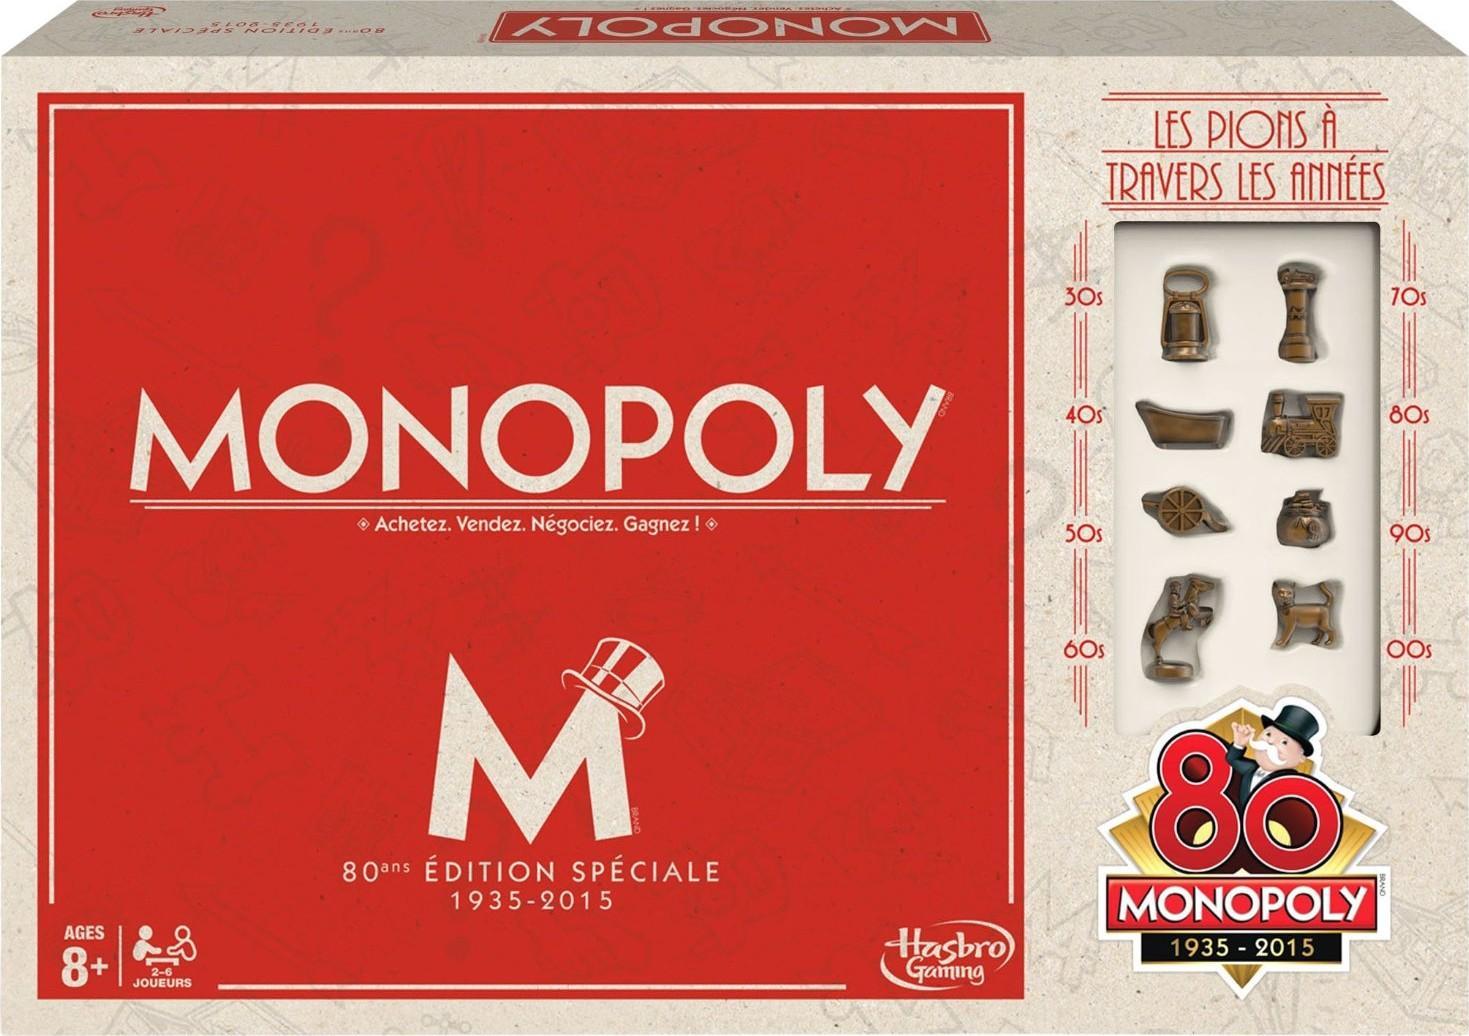 Monopoly Vintage spécial 80 ans